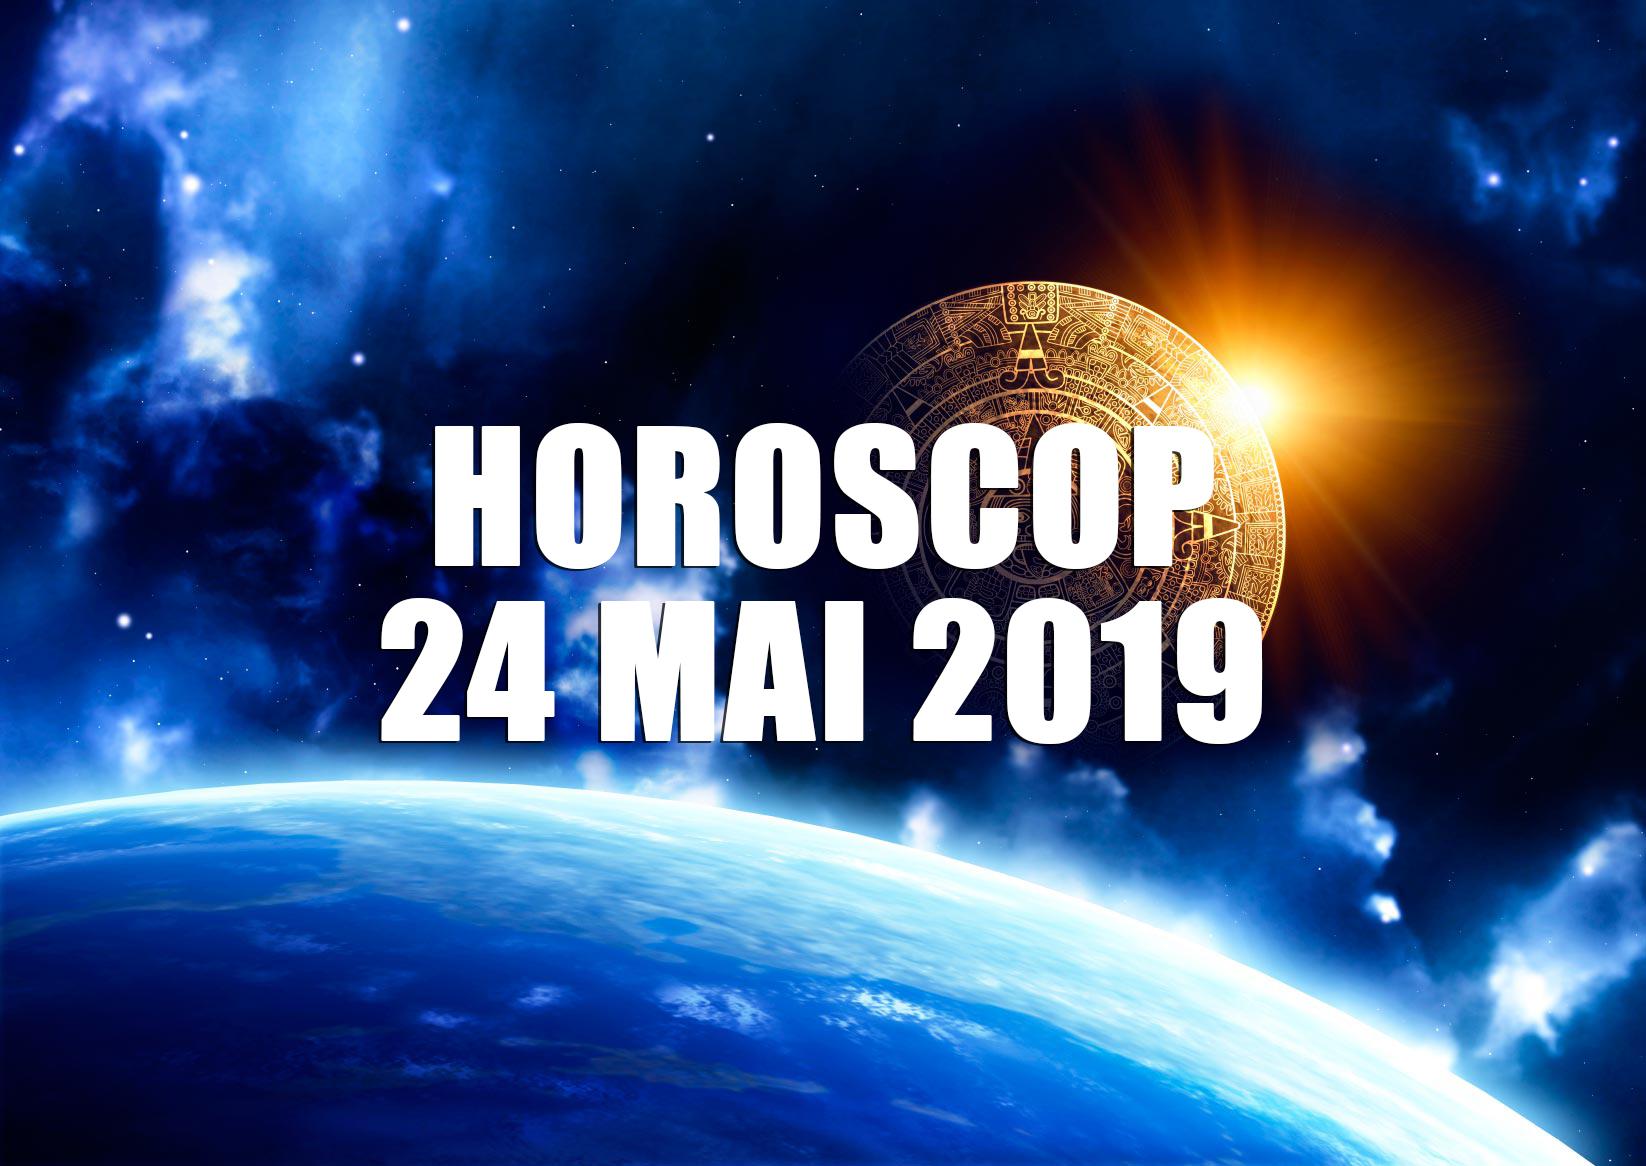 Horoscop zilnic 24 mai 2019 - Horoscopul de vineri 24 mai. Berbecii sunt puși pe scandal